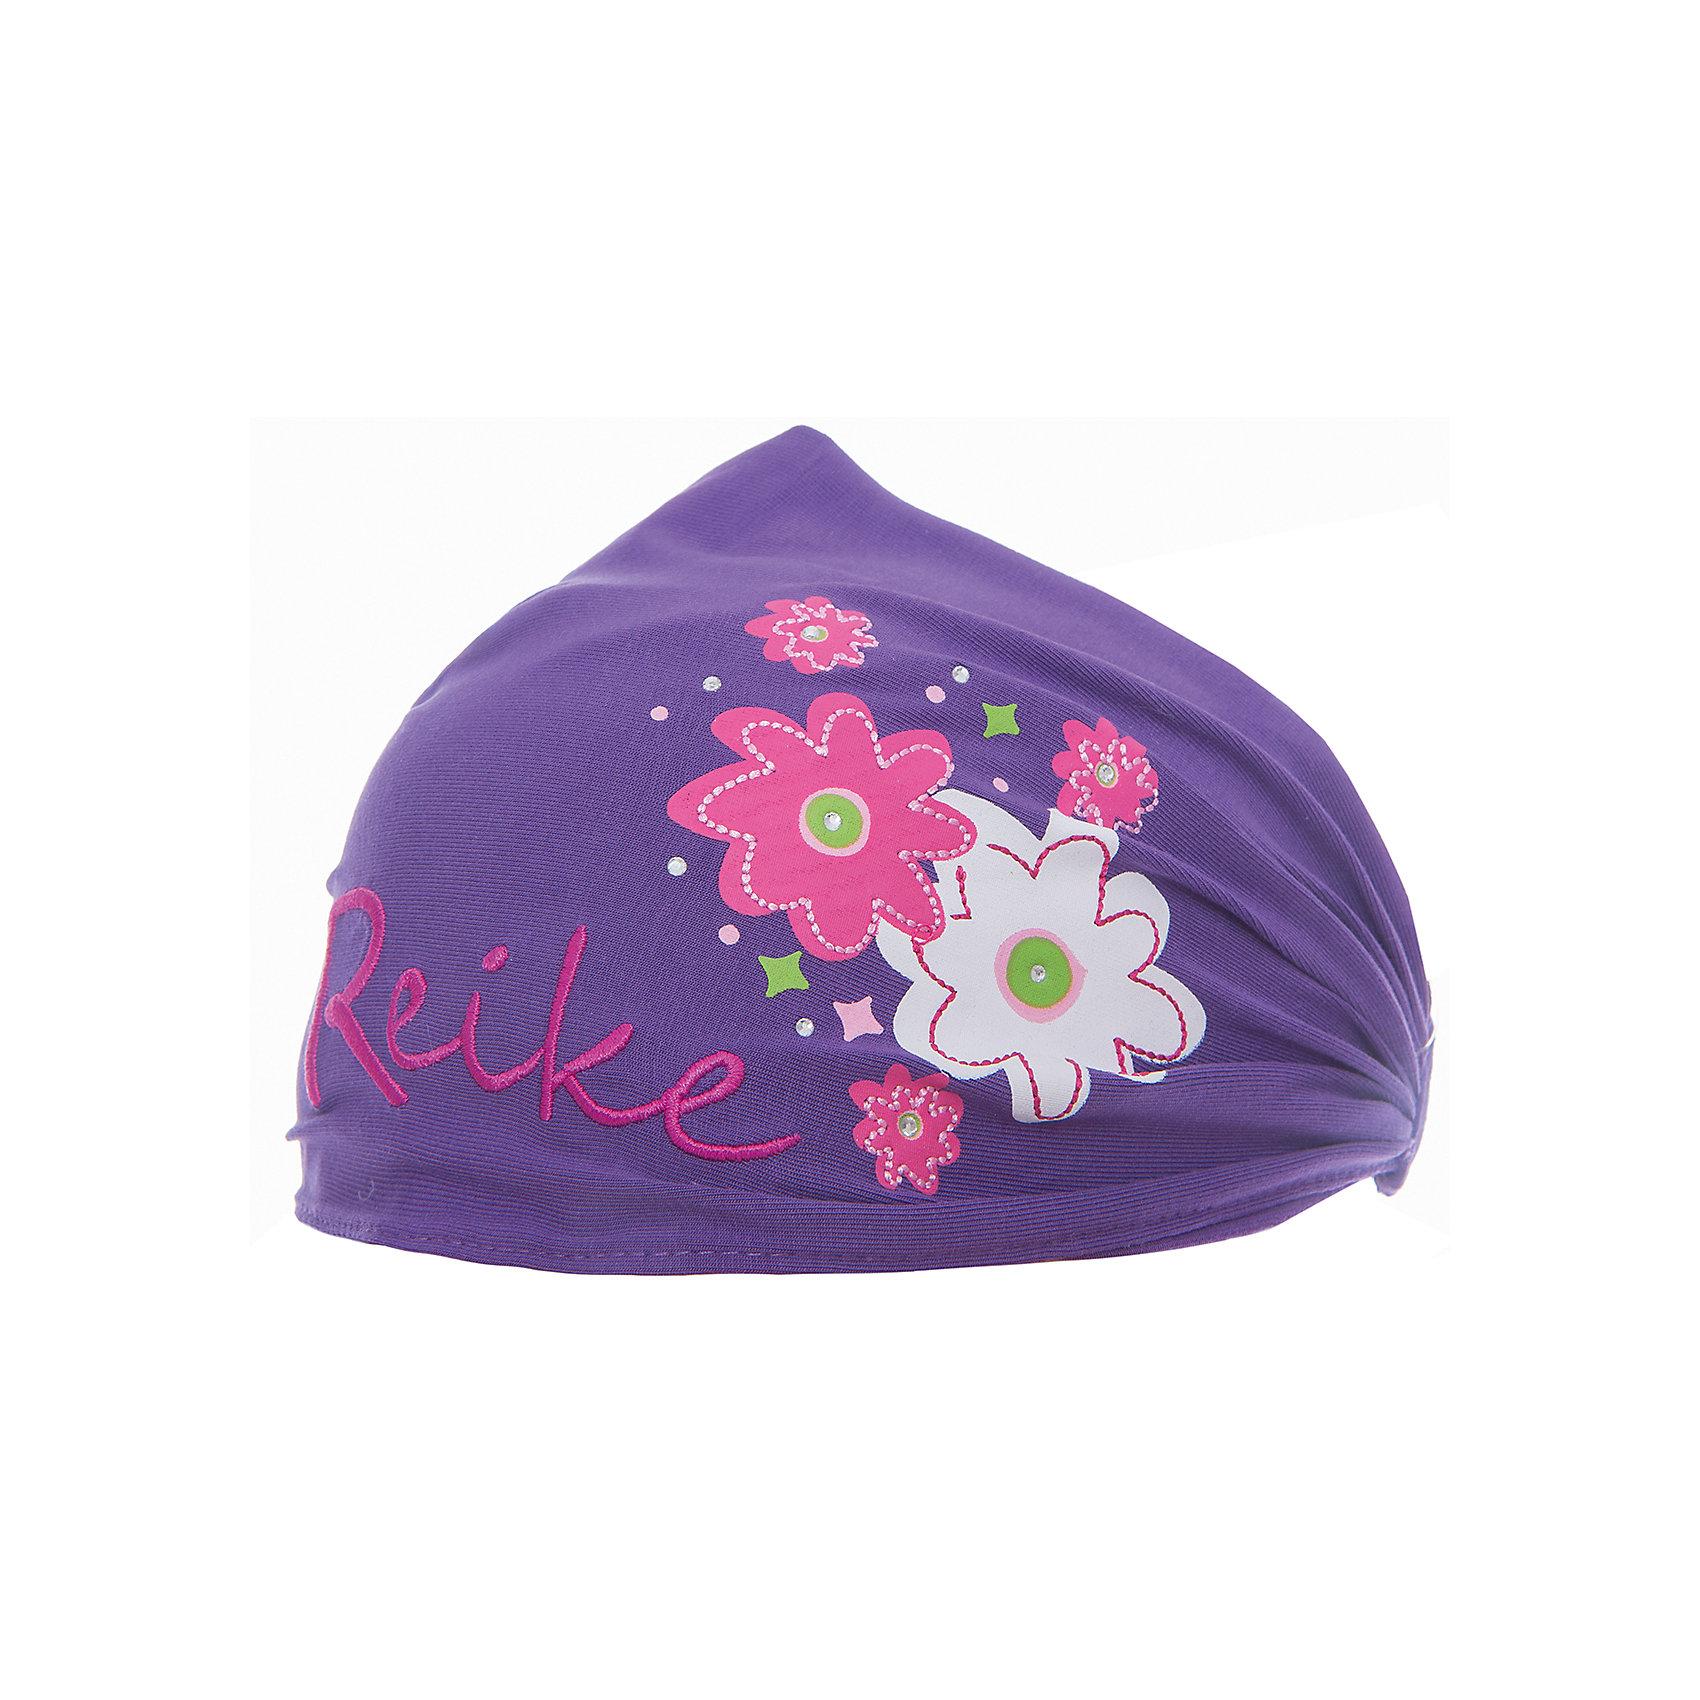 Повязка Reike для девочкиШапки и шарфы<br>Характеристики товара:<br><br>• цвет: фиолетовый<br>• состав: 100% хлопок<br>• декорирована принтом и стразами<br>• мягкий материал<br>• страна бренда: Финляндия<br><br>Новая коллекция от известного финского производителя Reike отличается ярким дизайном, продуманностью и комфортом! Эта модель разработана специально для детей - она учитывает особенности их физиологии, а также новые тенденции в европейской моде. Она отлично сочетается с обувью разных цветов и фасонов. Стильная и удобная вещь!<br><br>Повязку для девочки от популярного бренда Reike можно купить в нашем интернет-магазине.<br><br>Ширина мм: 89<br>Глубина мм: 117<br>Высота мм: 44<br>Вес г: 155<br>Цвет: пурпурный<br>Возраст от месяцев: 48<br>Возраст до месяцев: 60<br>Пол: Женский<br>Возраст: Детский<br>Размер: 52,48,50<br>SKU: 5430192